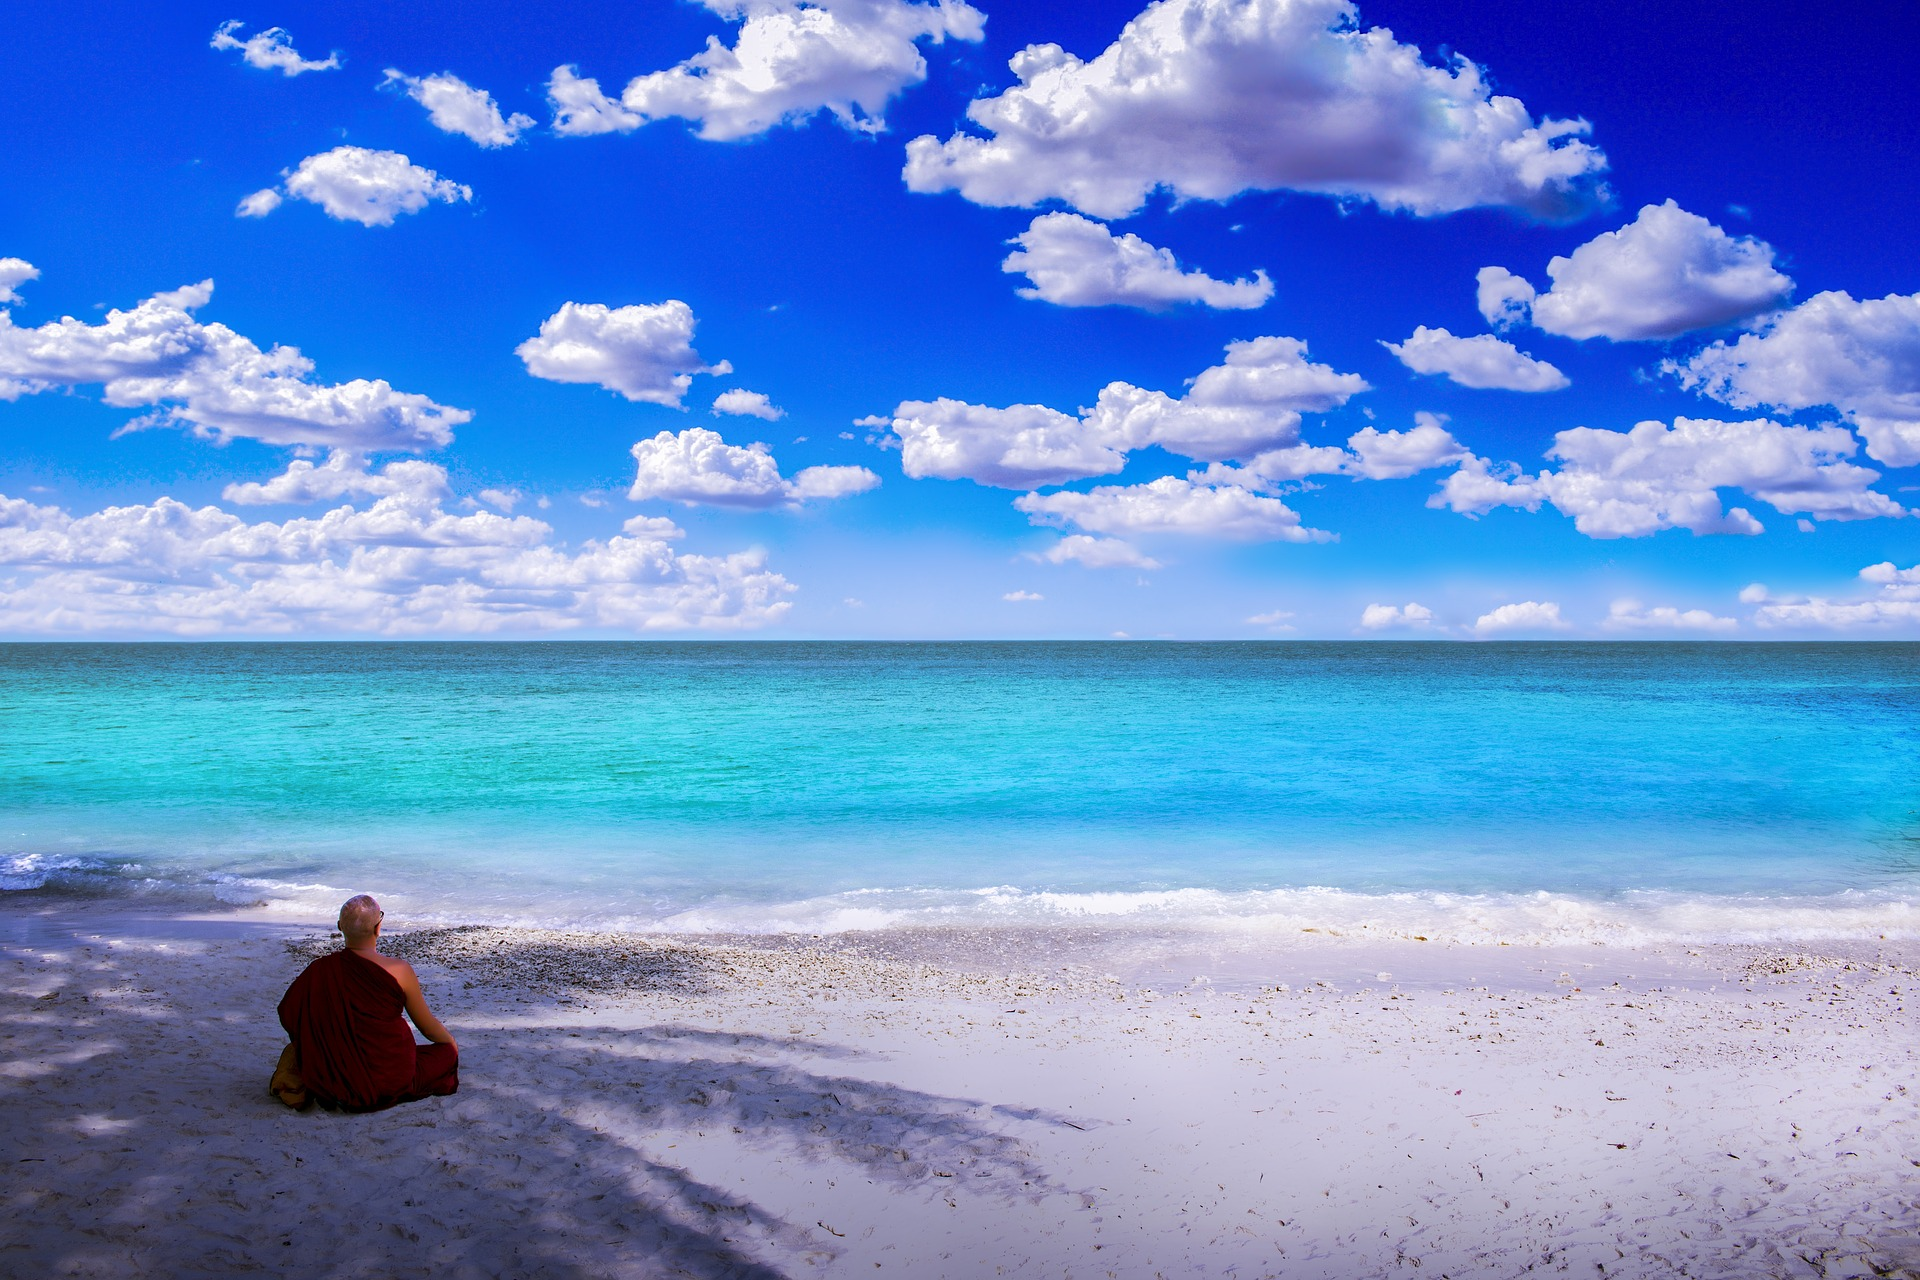 瞑想はスピリチュアルなものでも何でもない【メンタルの強さ爆上げ】#112